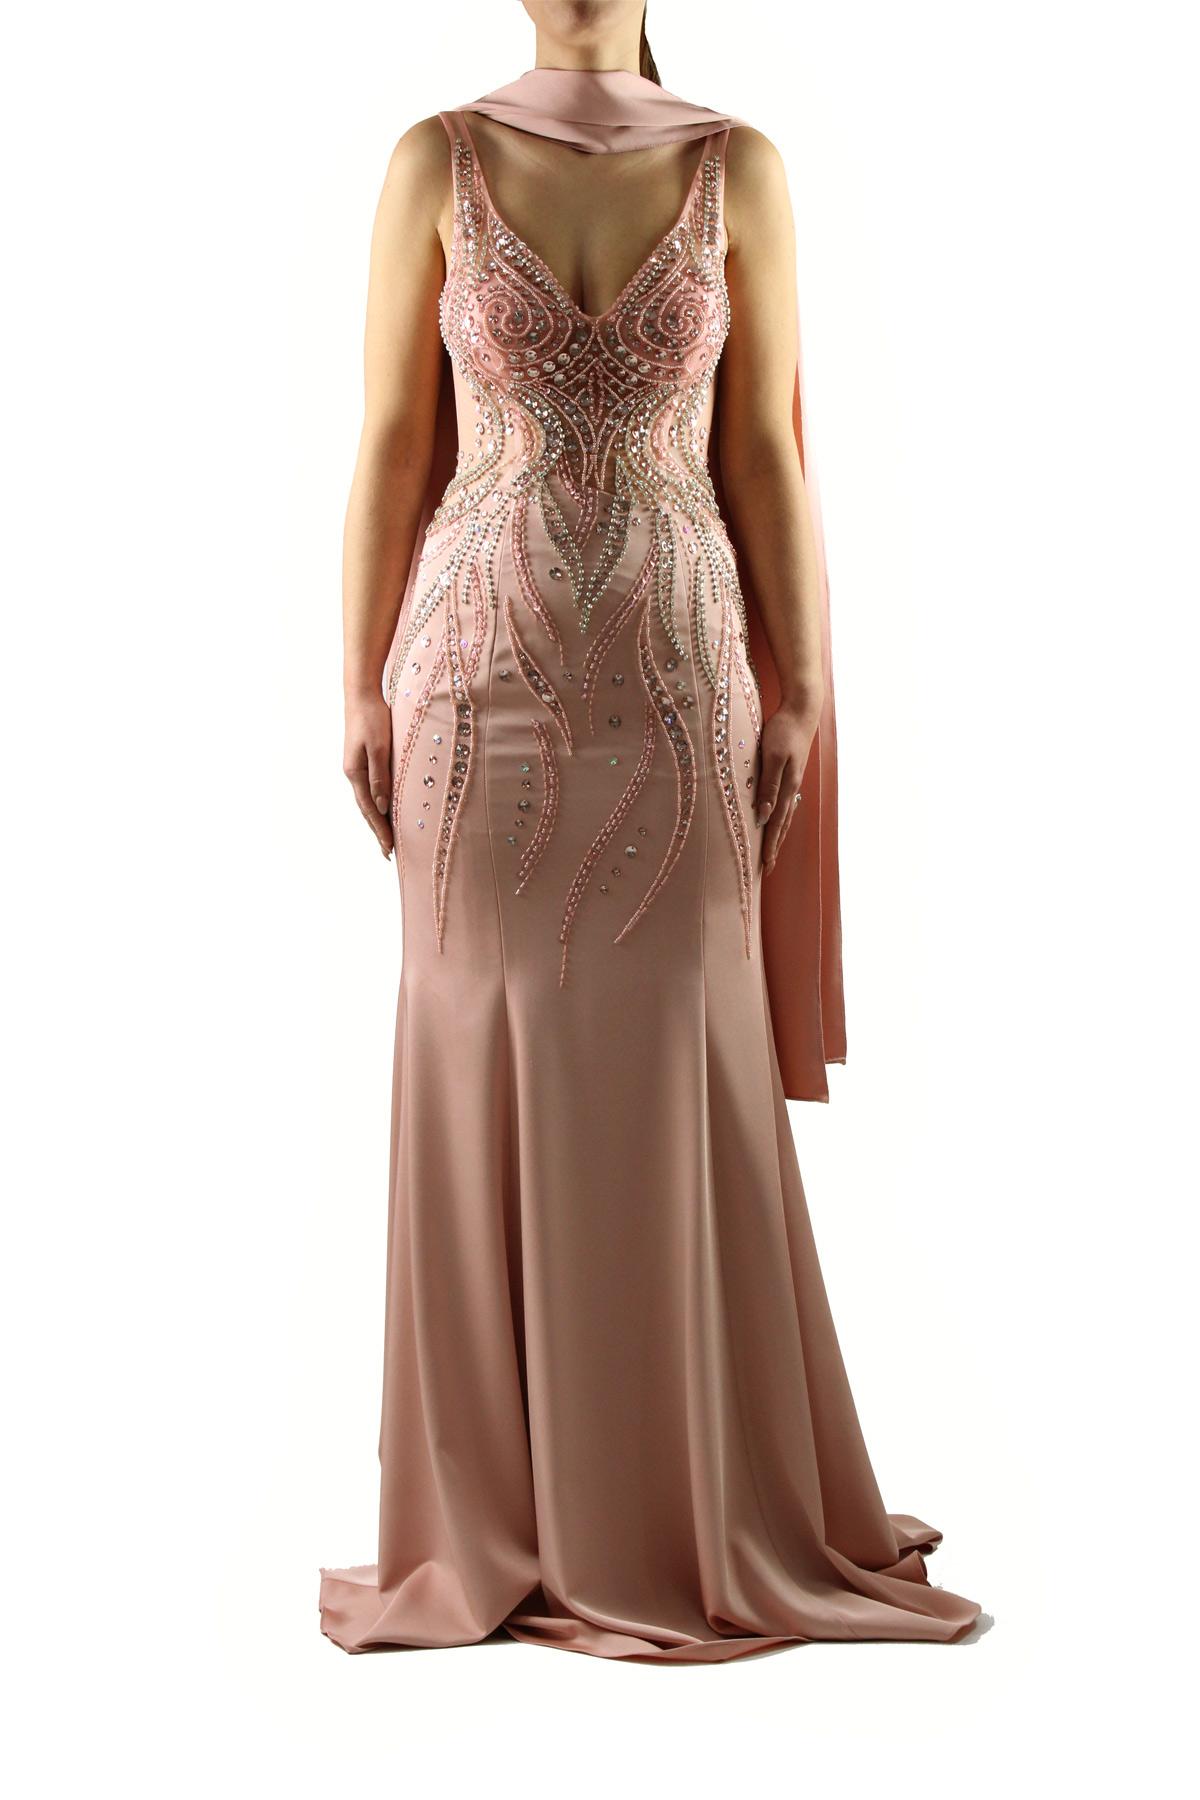 the latest 07c70 11a9f Abito rosa quarzo elegante